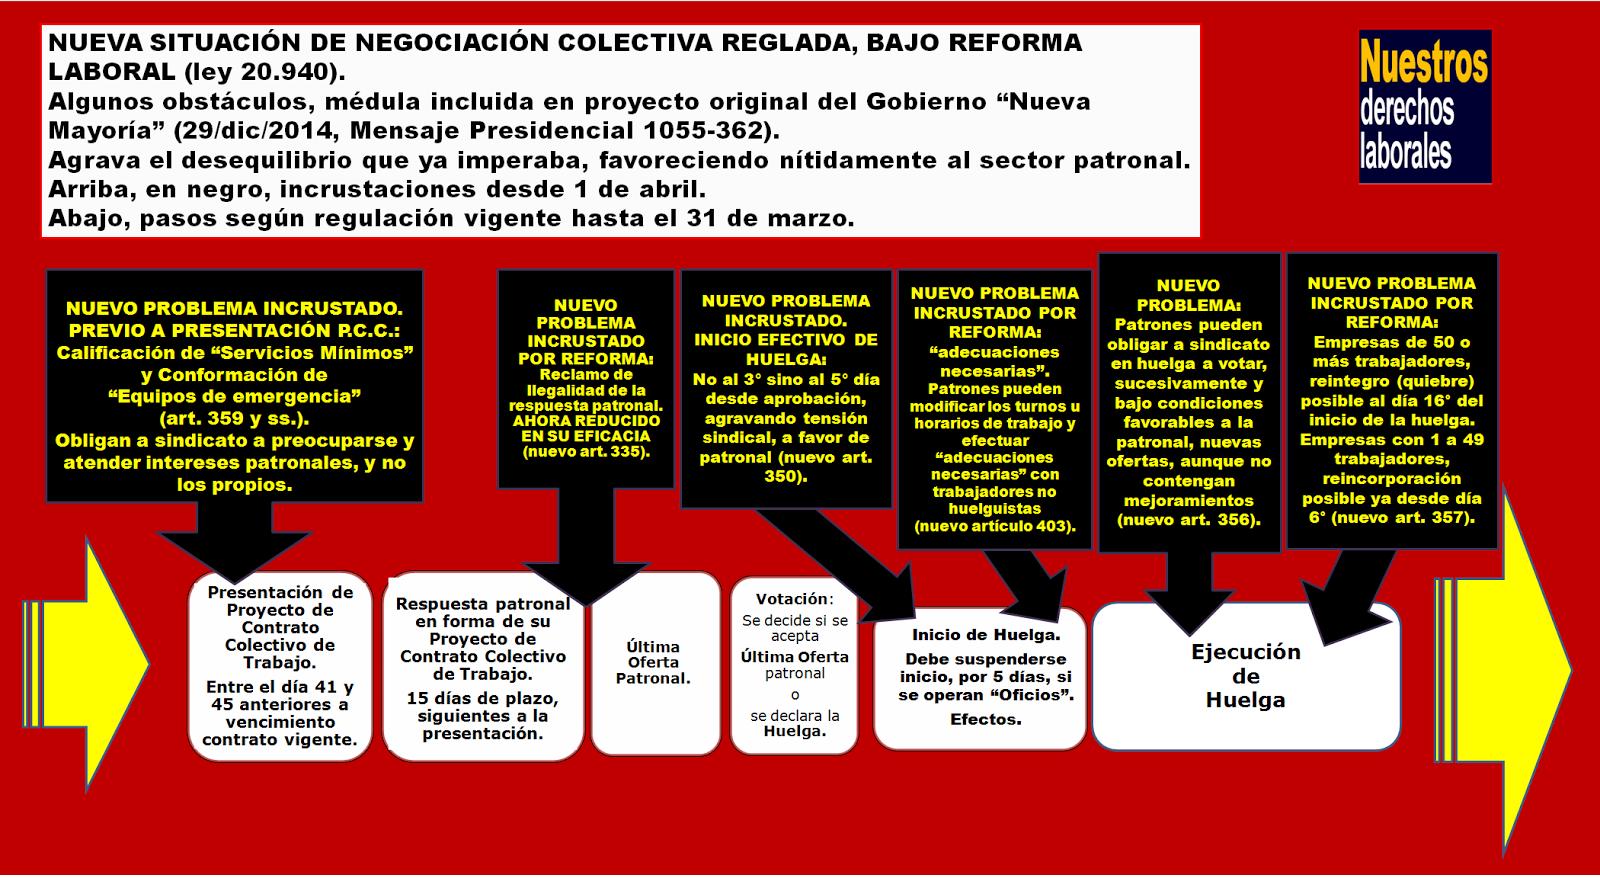 NEGOCIACIÓN COLECTIVA Y REFORMA LABORAL.